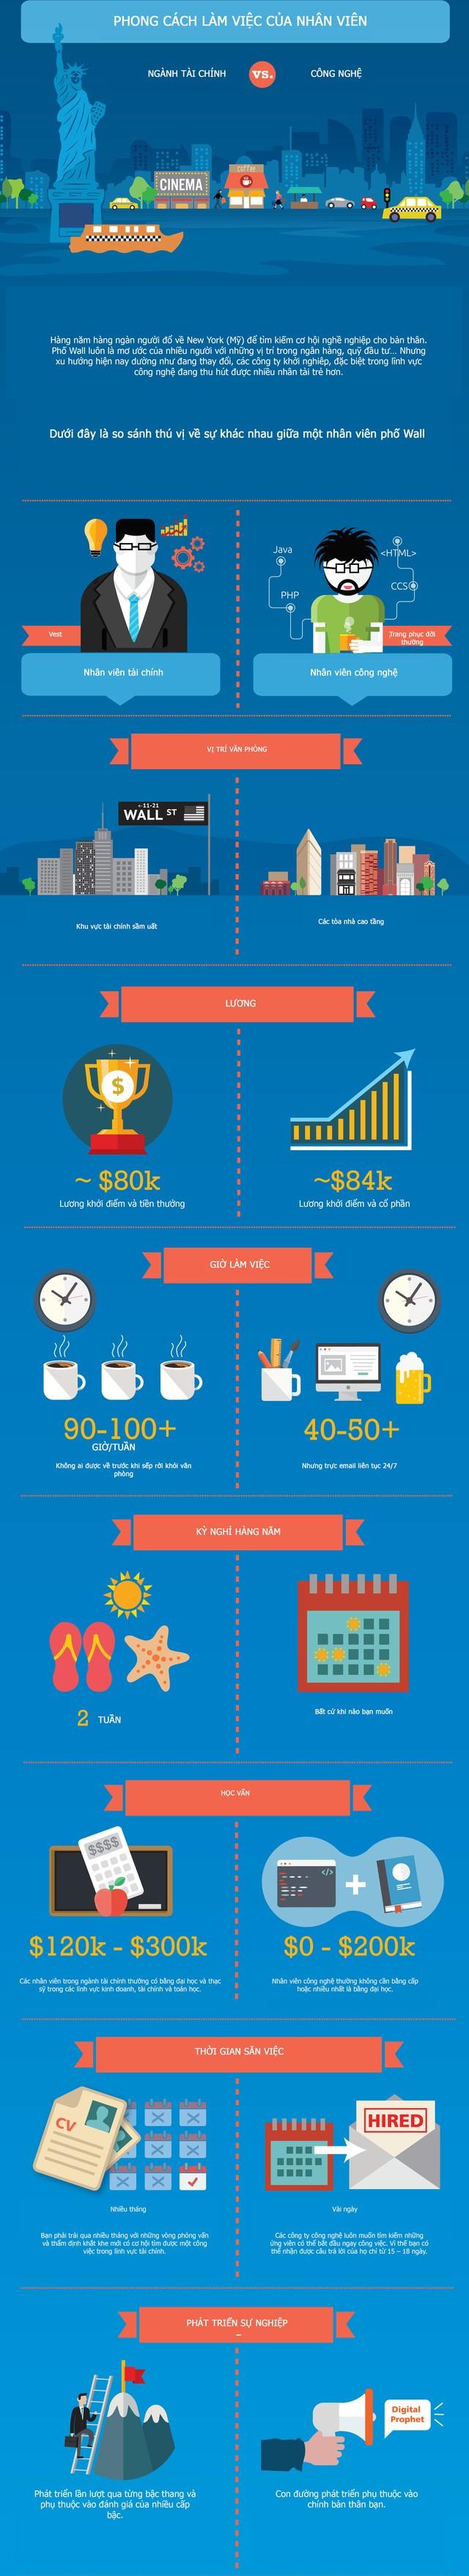 [Infographic] Khác biệt giữa nhân viên ngành tài chính và công nghệ (1)